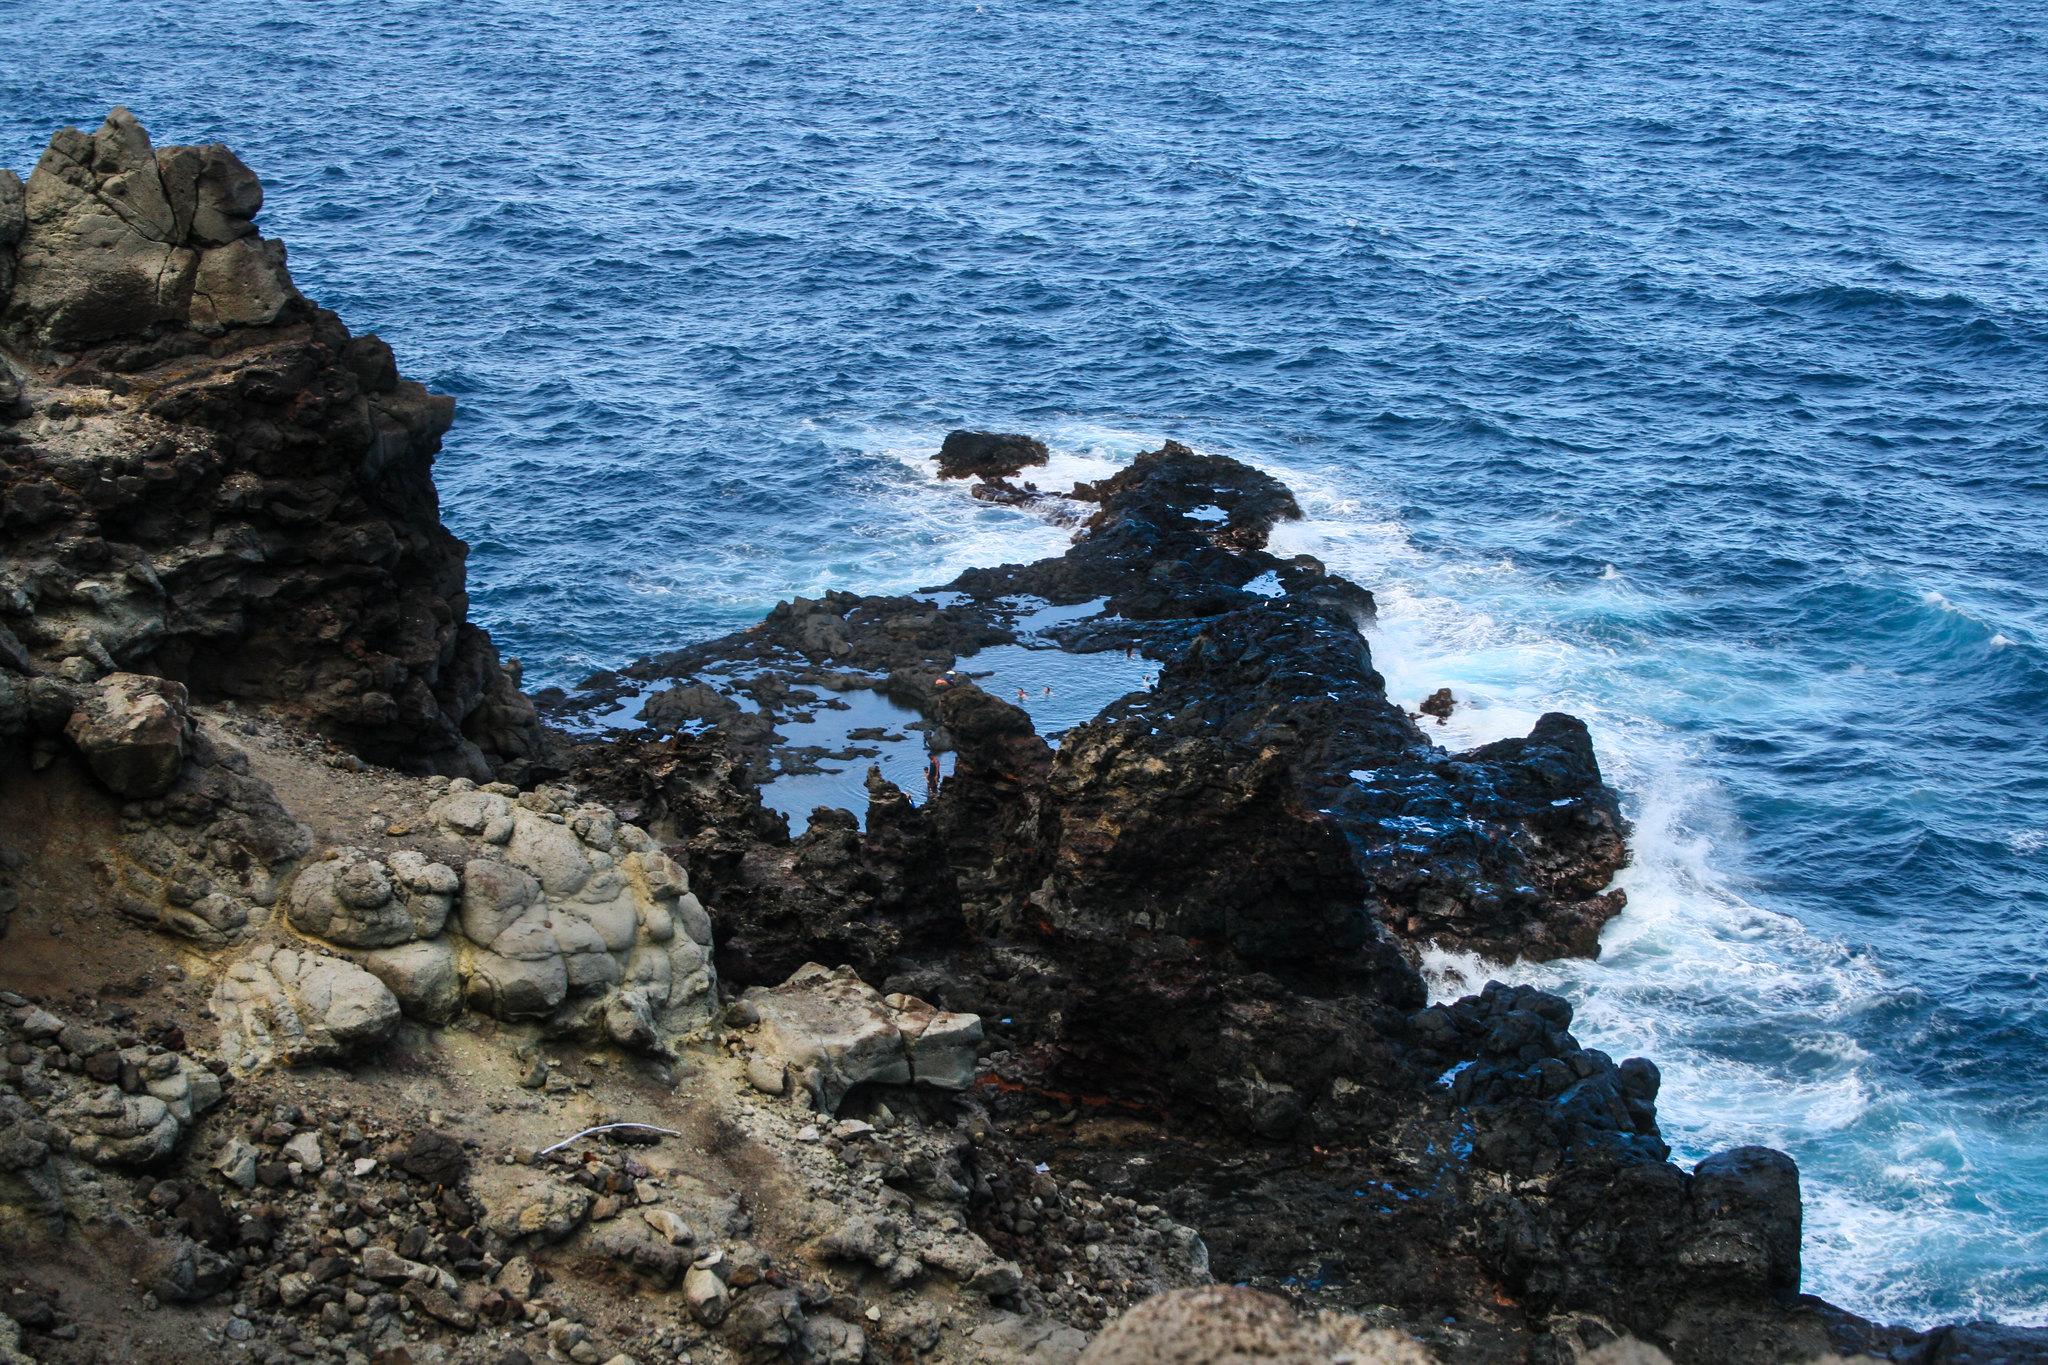 6858511368 4968fa5d60 k - Olivine Pools Maui: Dangerous Or Not?